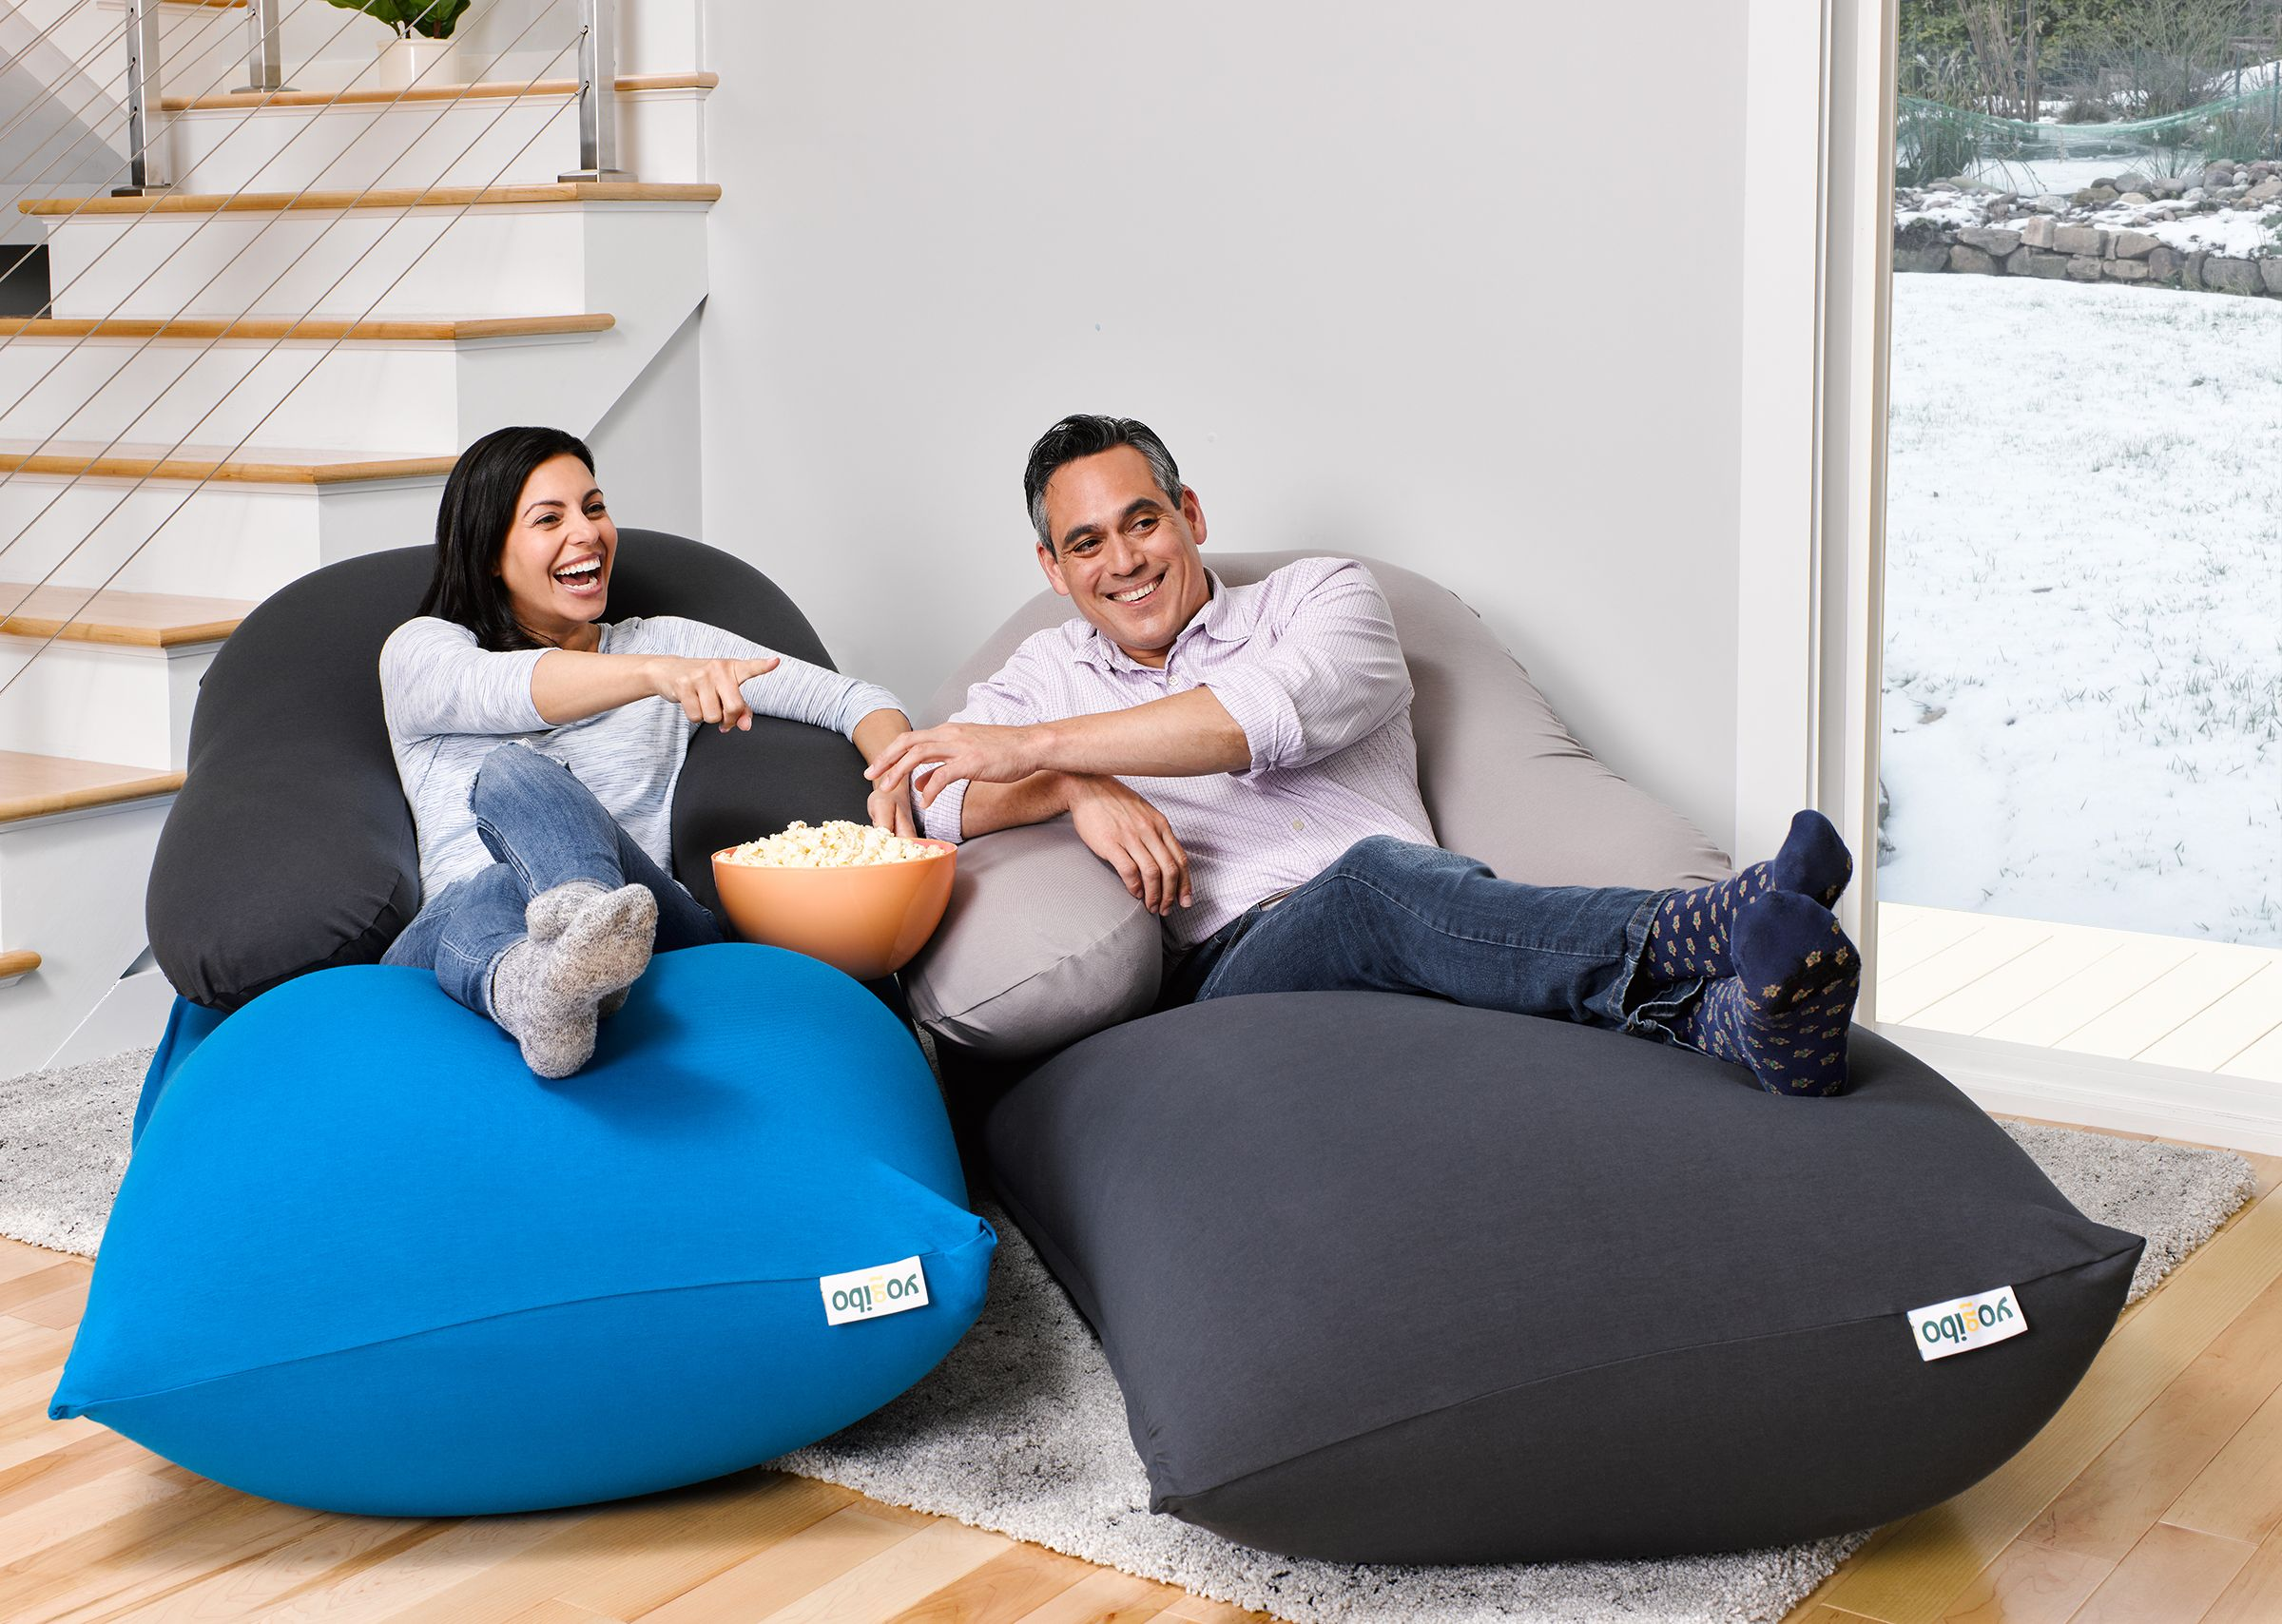 Yogibo Max in 2020 Bean bag chair, Large bean bag chairs